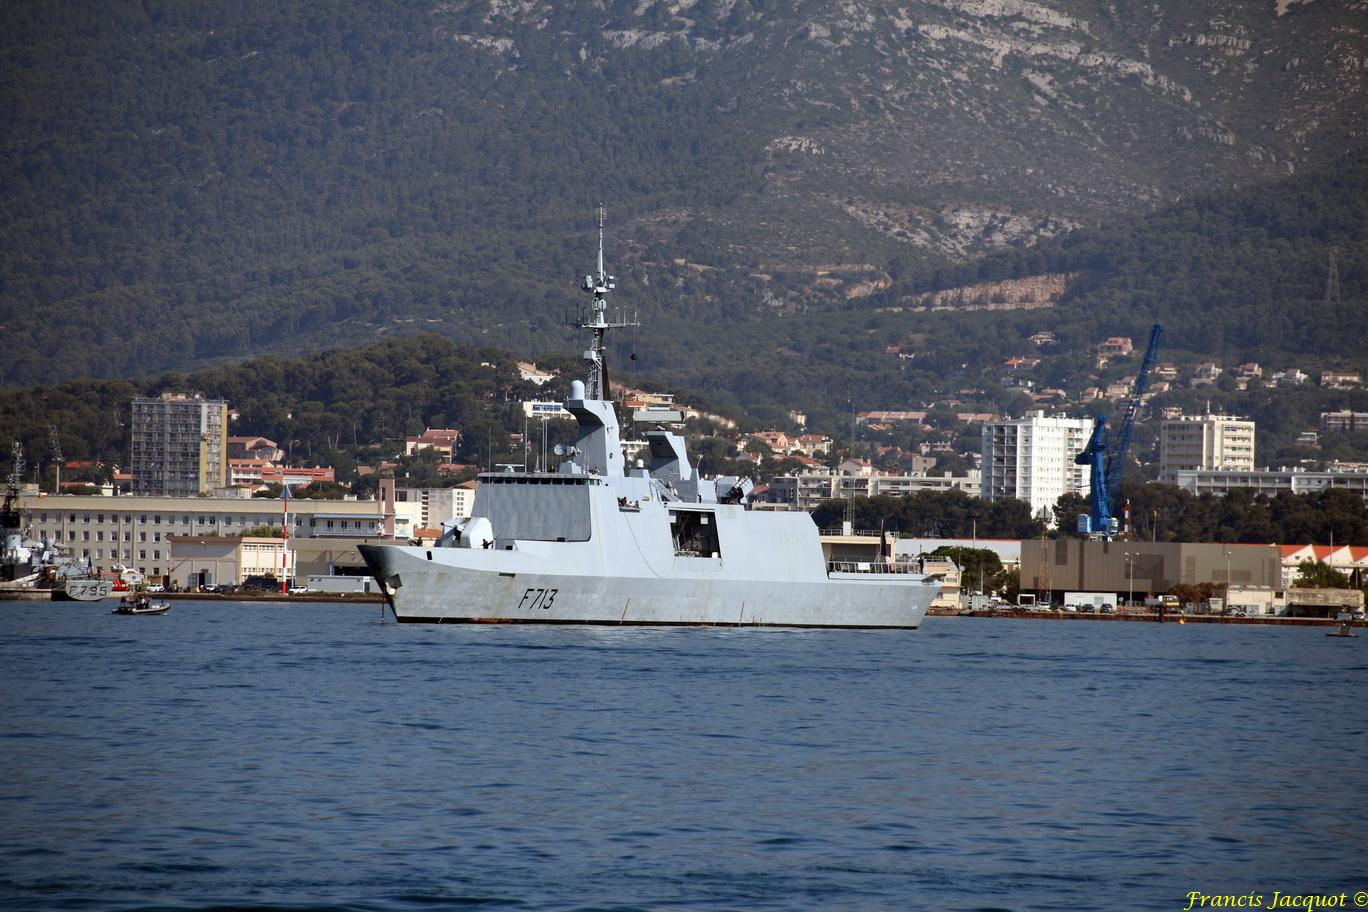 [LES PORTS MILITAIRES DE MÉTROPOLE] Mouvements de Bâtiments dans la rade de Toulon - Page 13 966499851